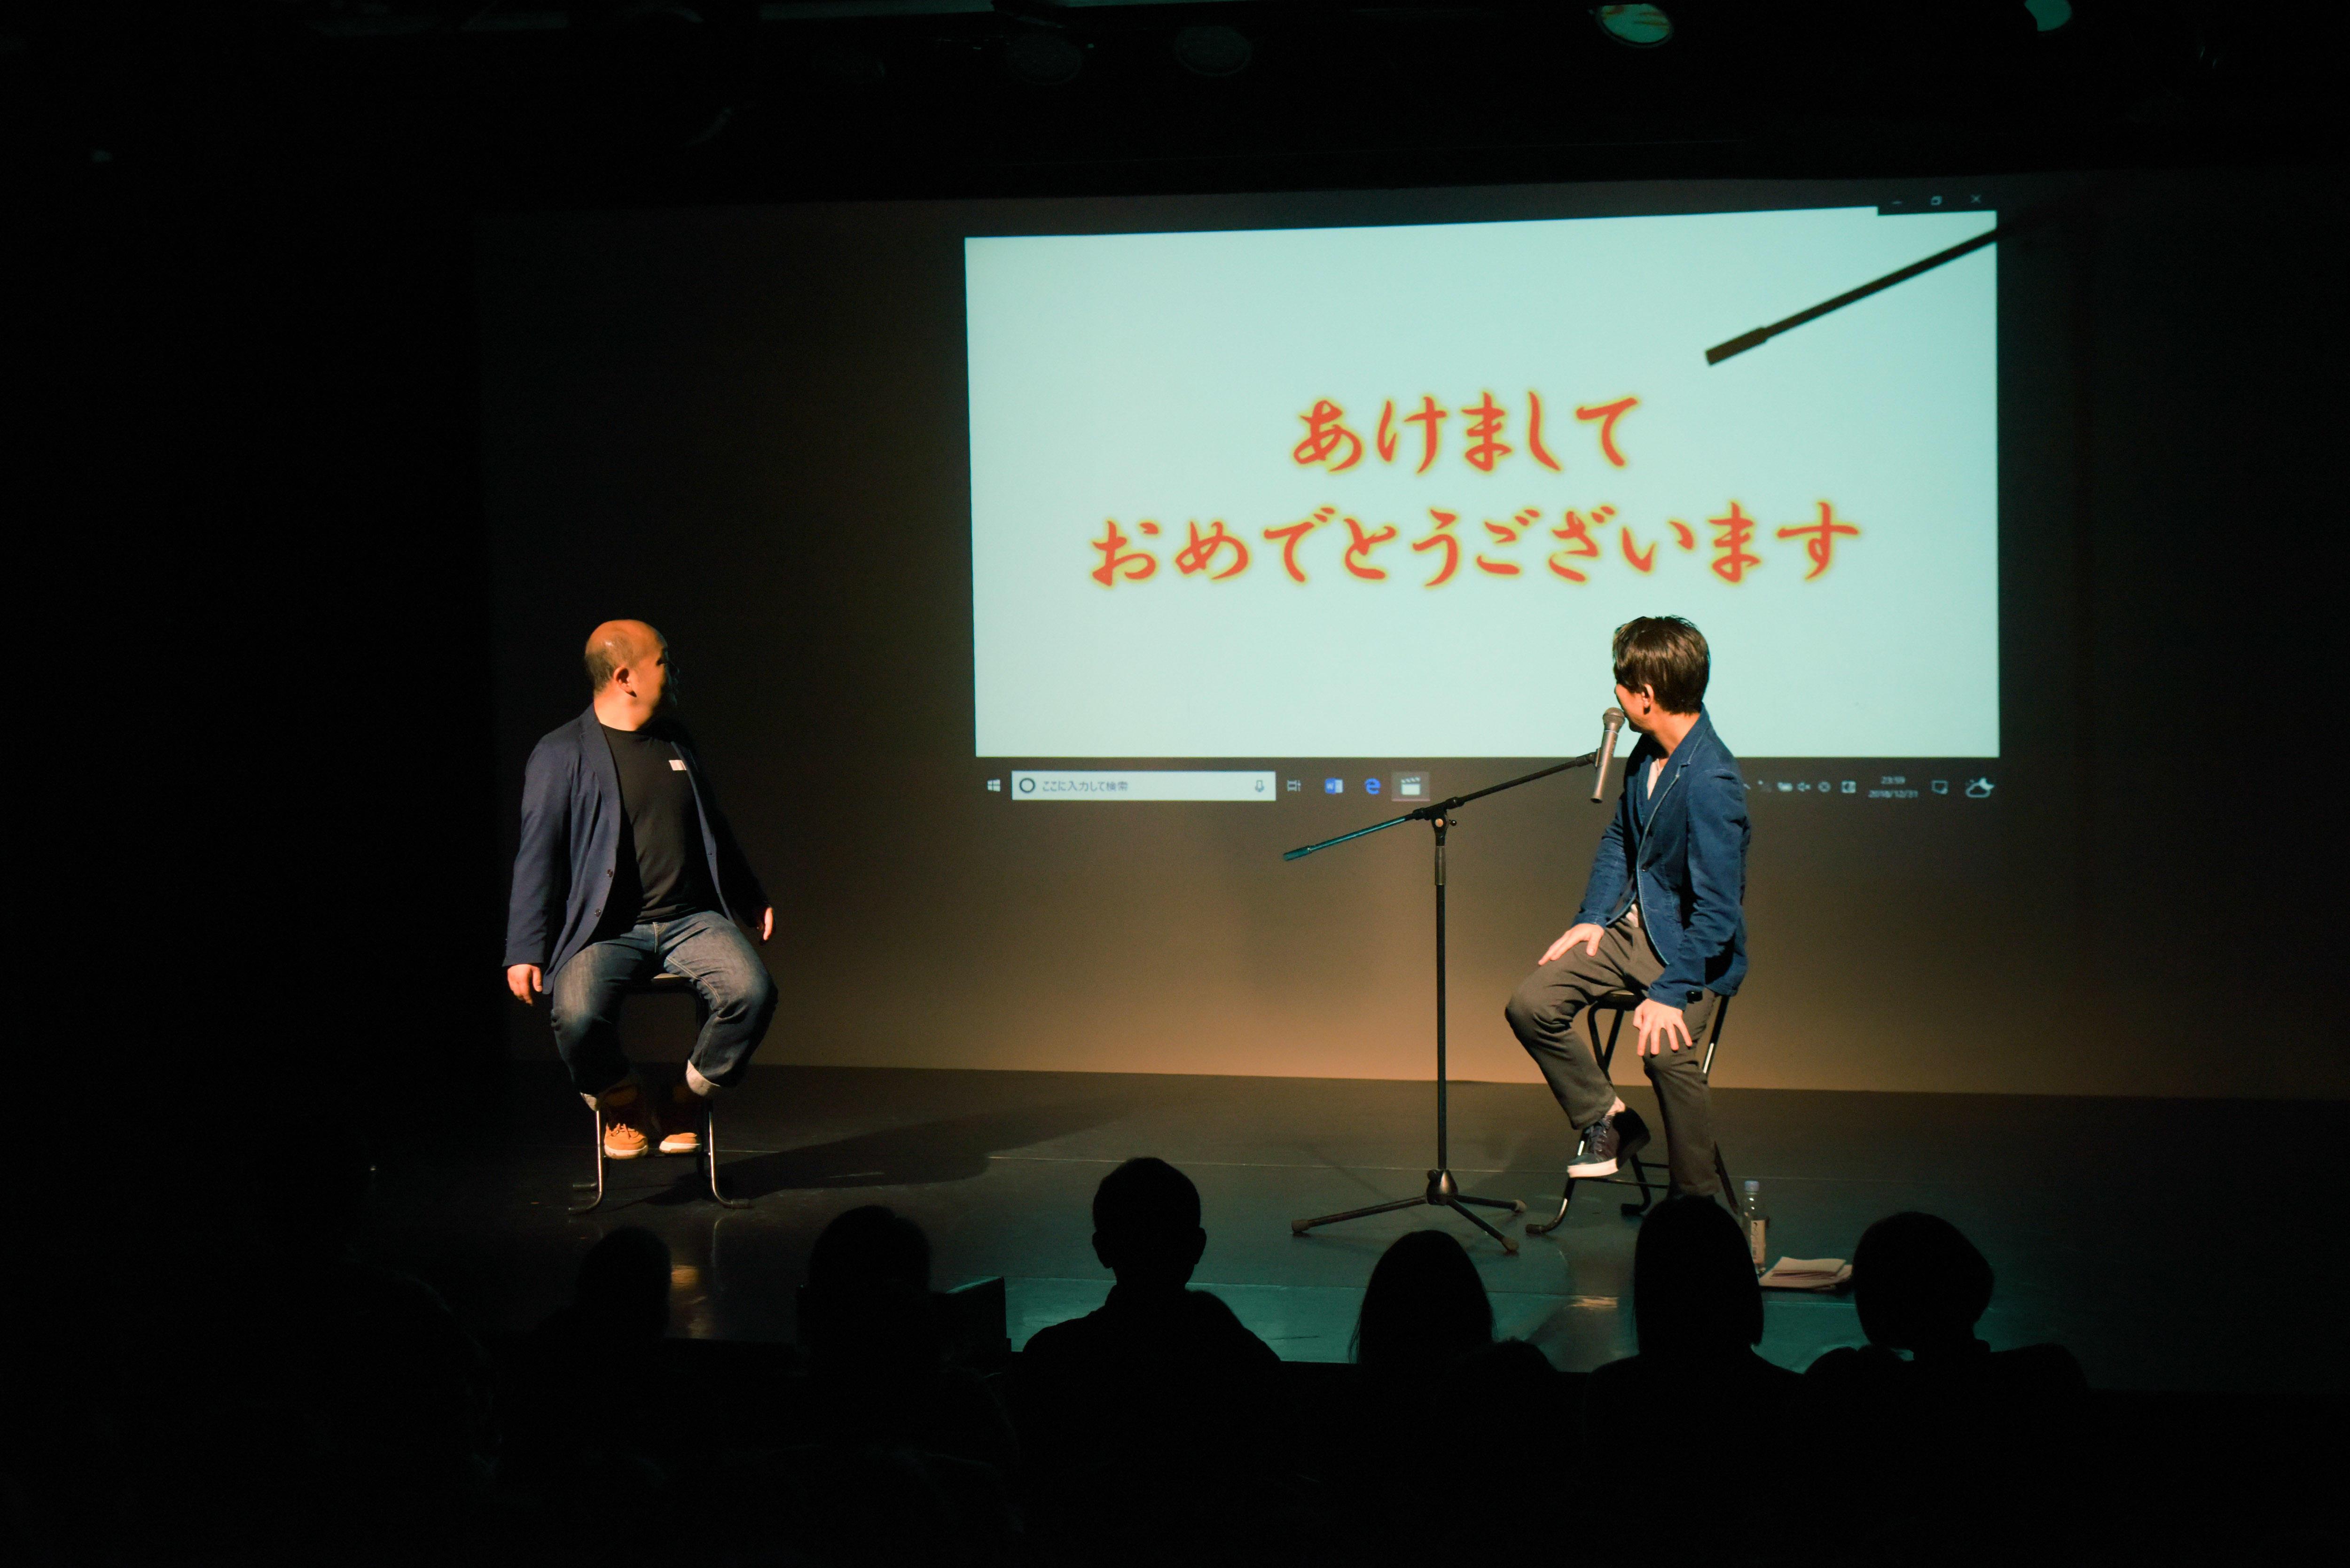 http://news.yoshimoto.co.jp/20190101121909-fc3227ee6f3cd4b64d339048aef43bb6d1f16e84.jpg